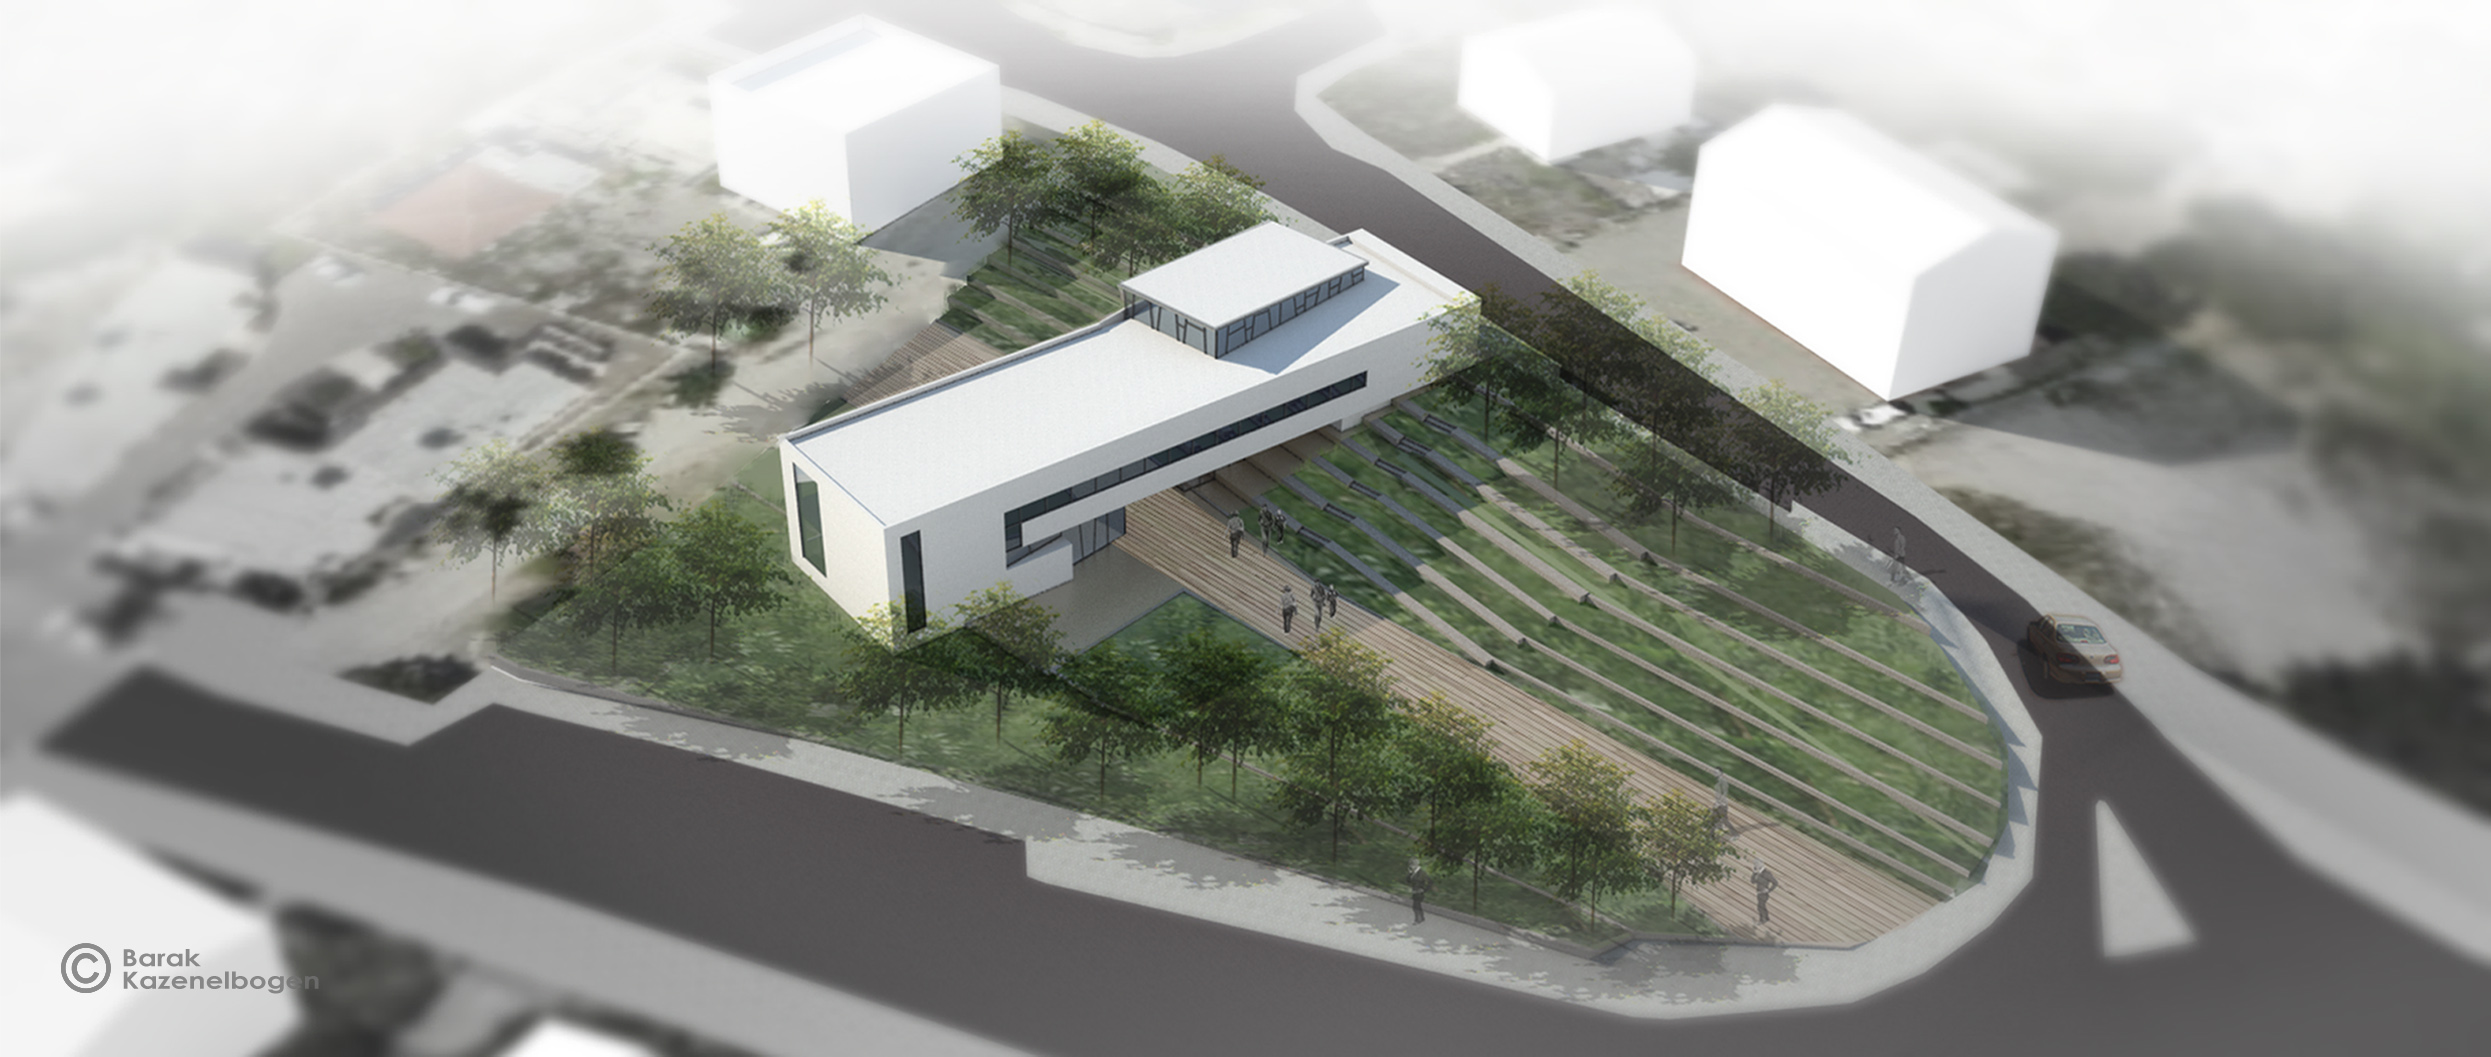 Ramat-Yishay memorial center - Archi